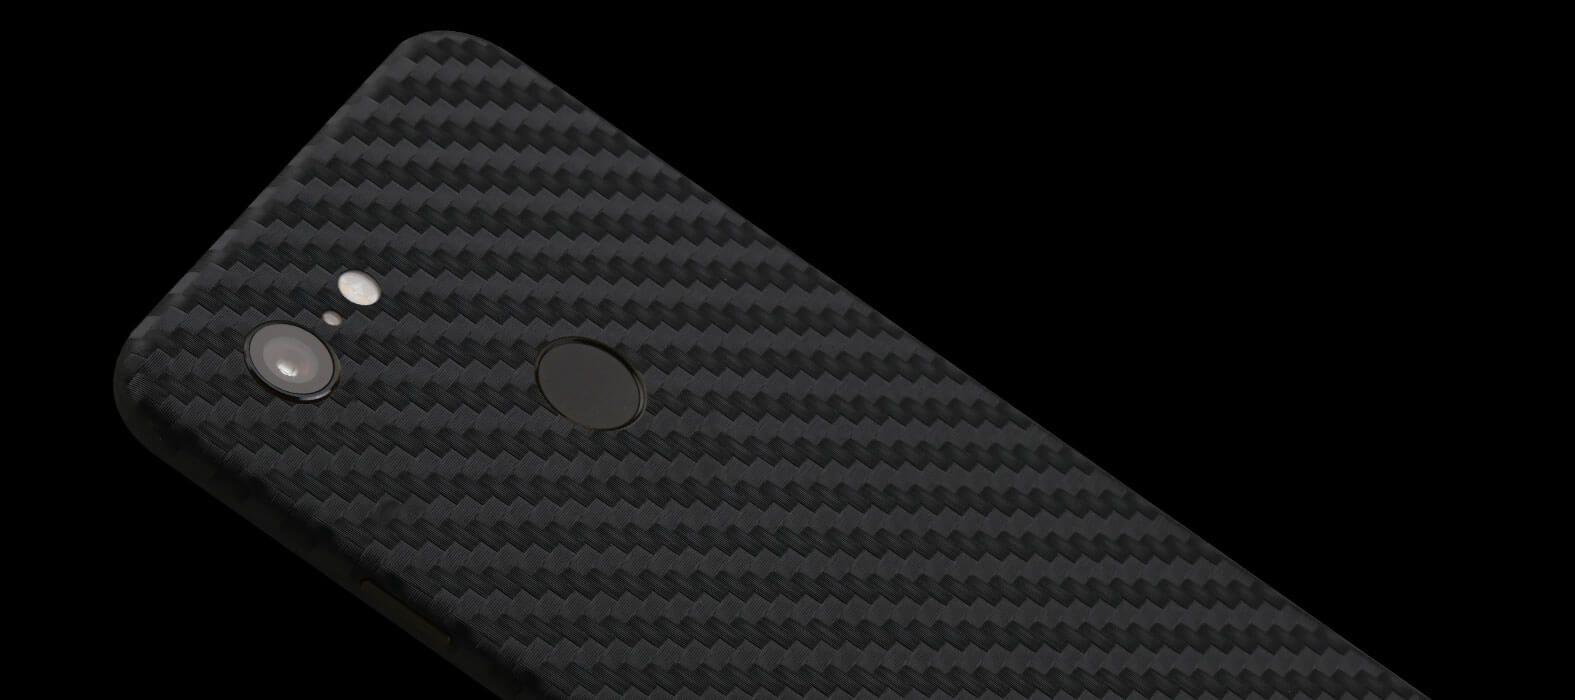 Pixel-3-XL_Black-Carbon-Fiber_Skins